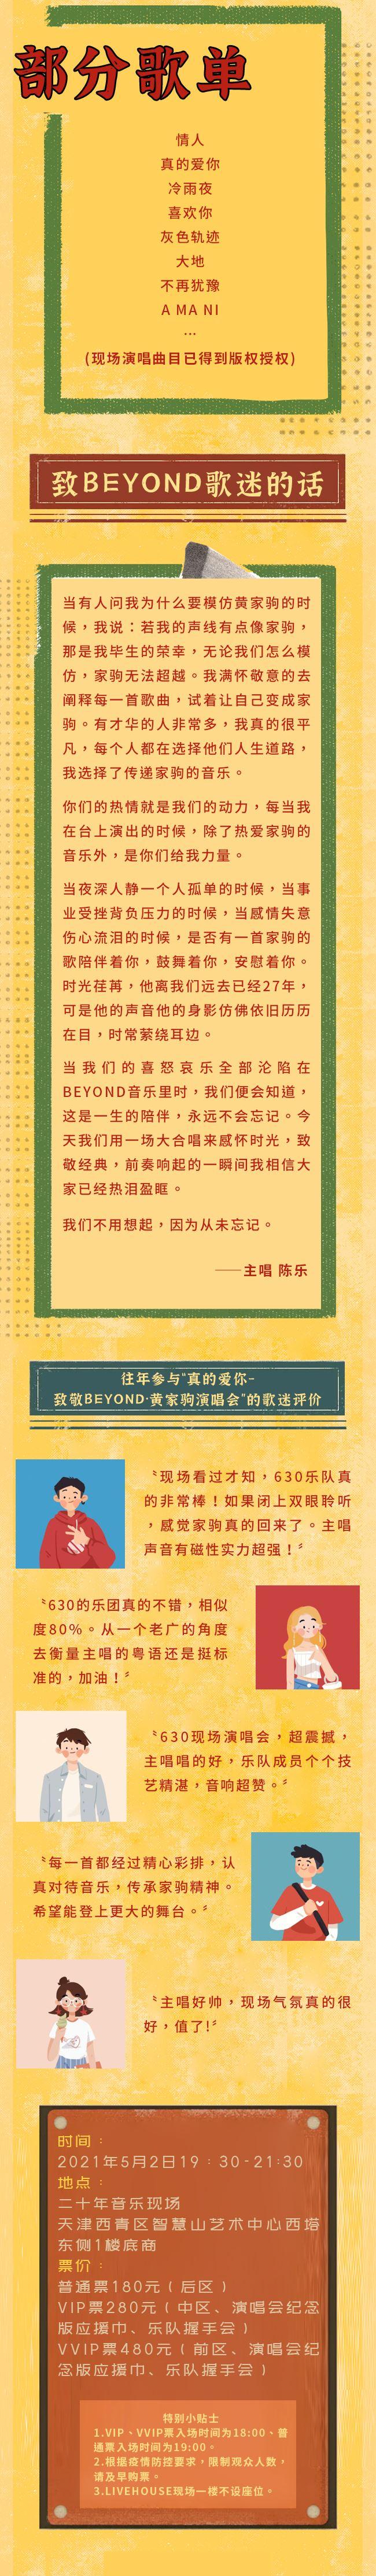 2021BEYOND长图文天津_04.jpg